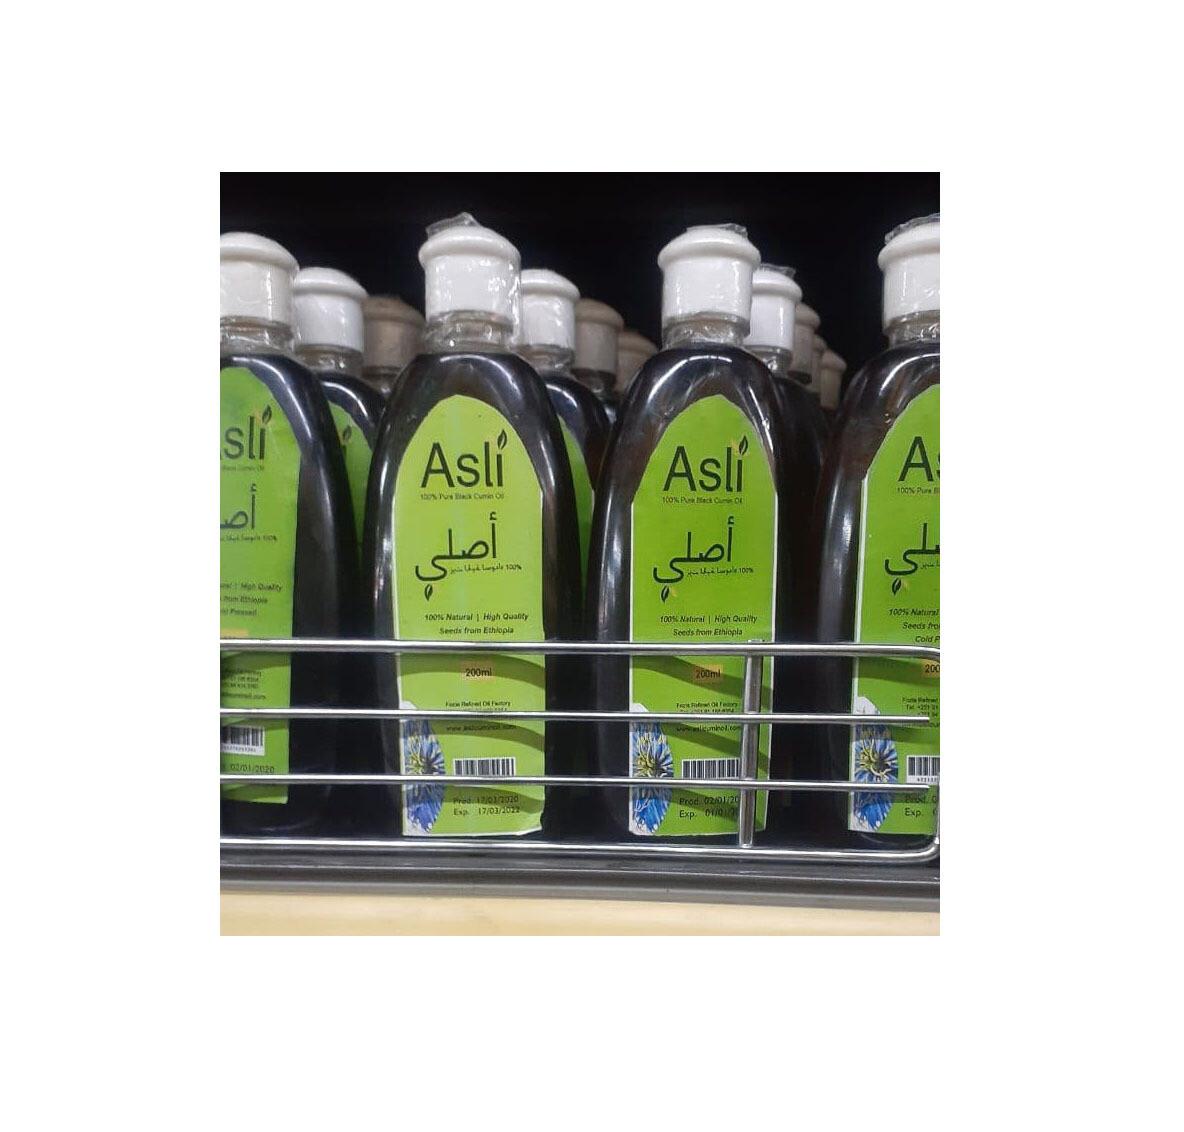 Asli Pure Black Cumin Oil 200ml